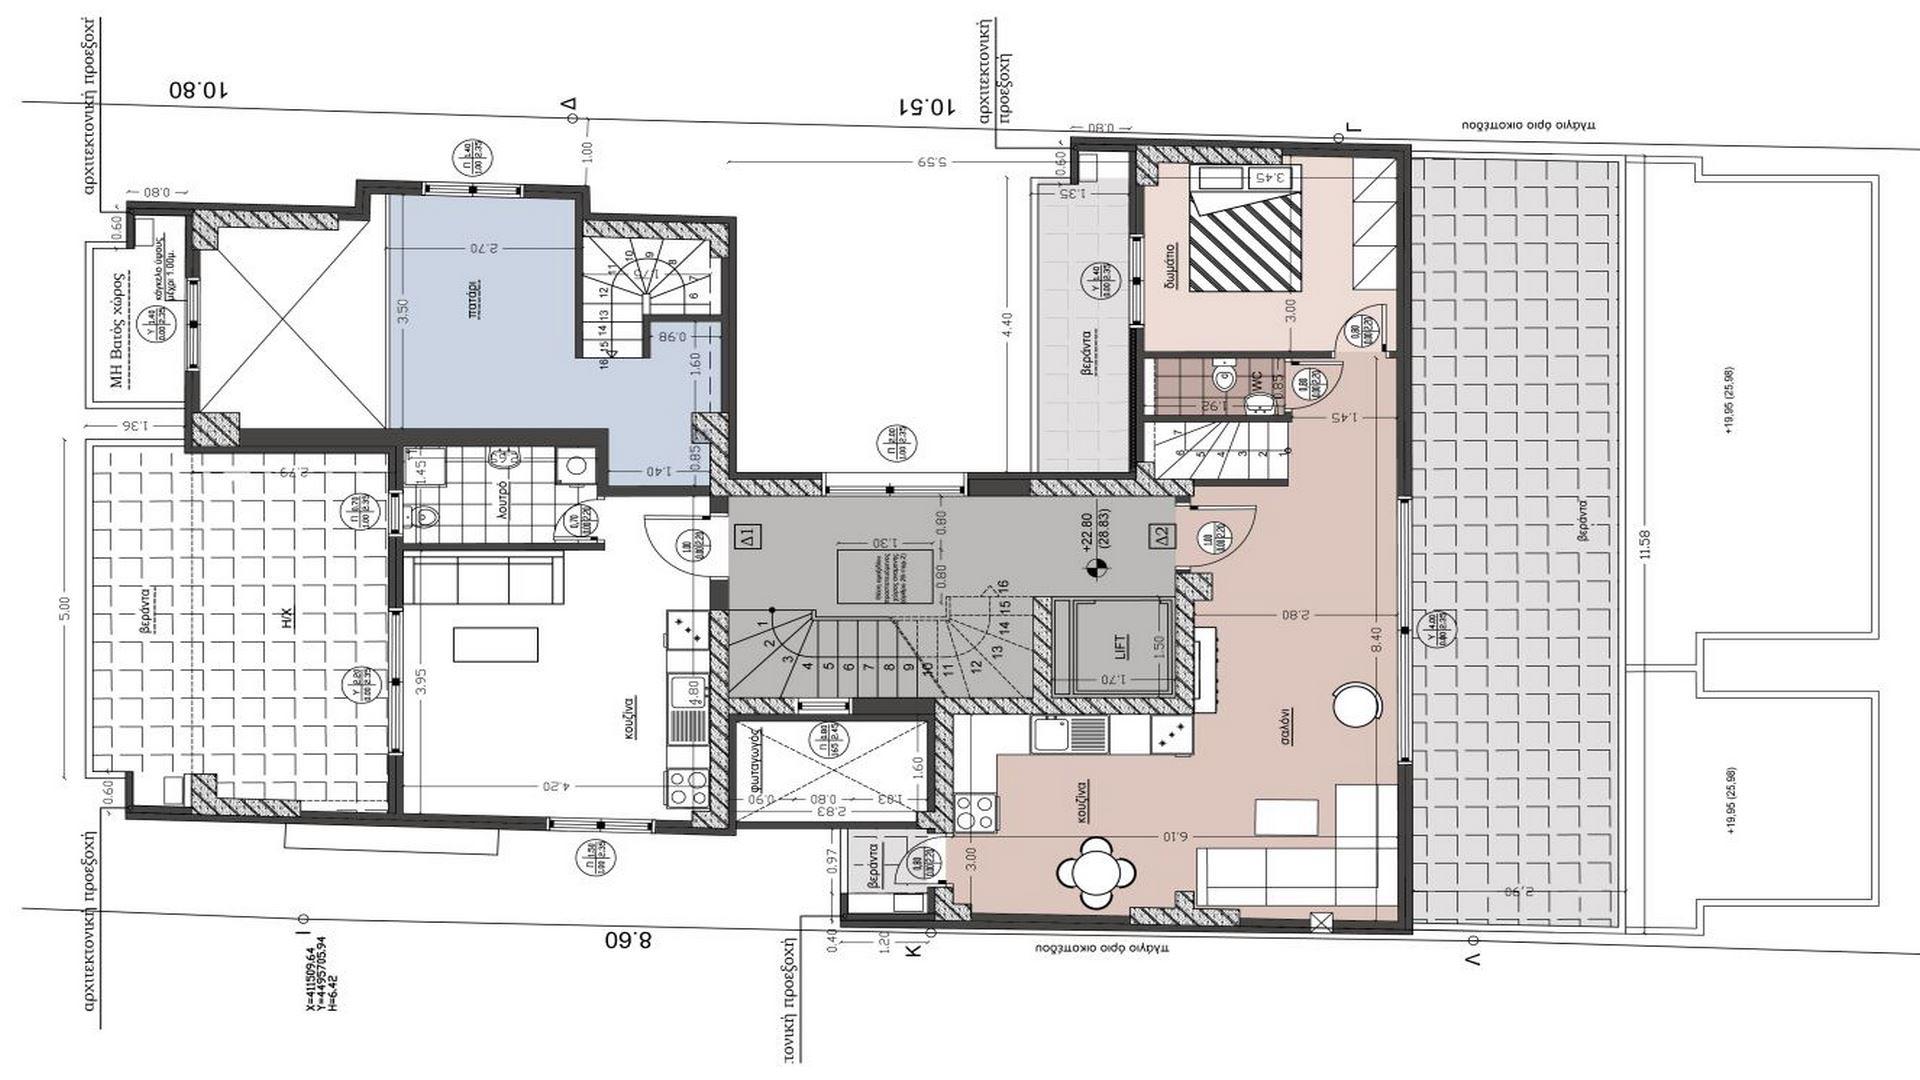 8th floor (Αντιγραφή)